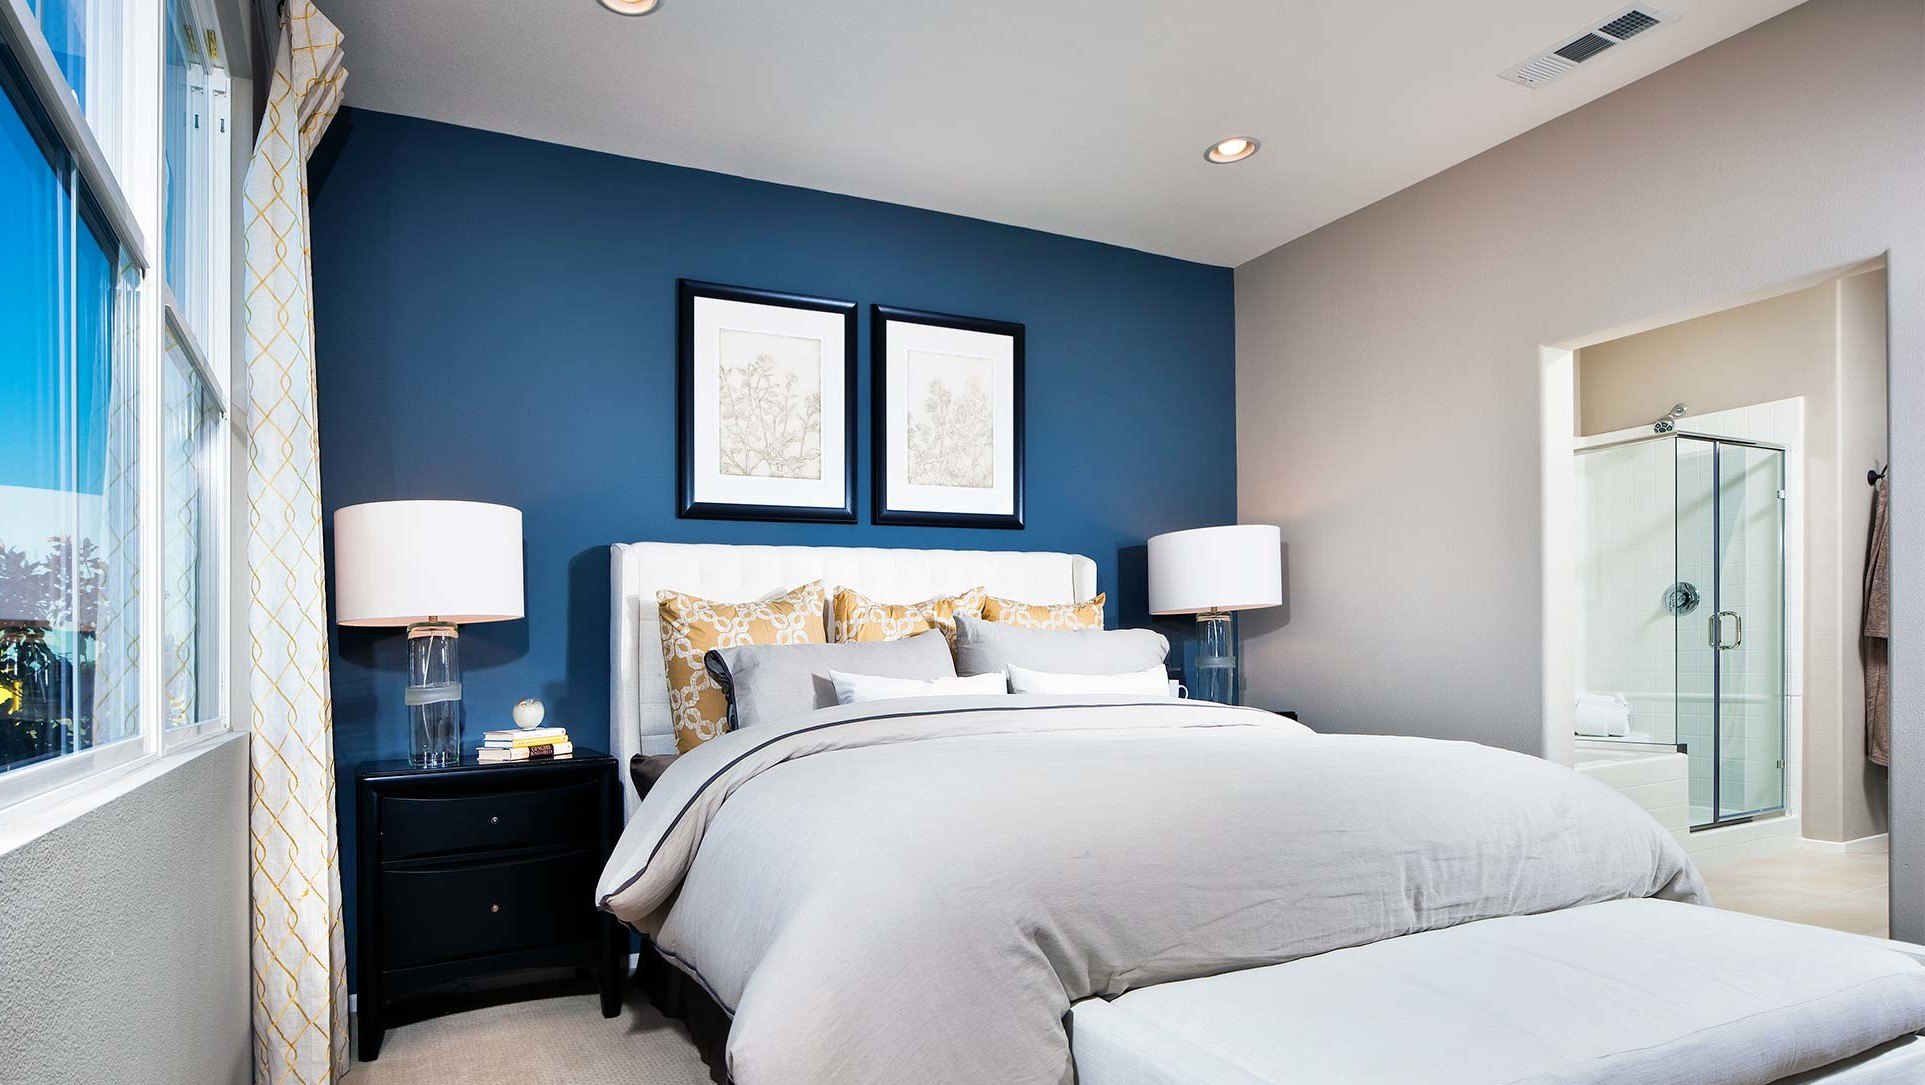 Как выбрать оптимальный цвет стен в гостиной: 60 фото и идей оформления